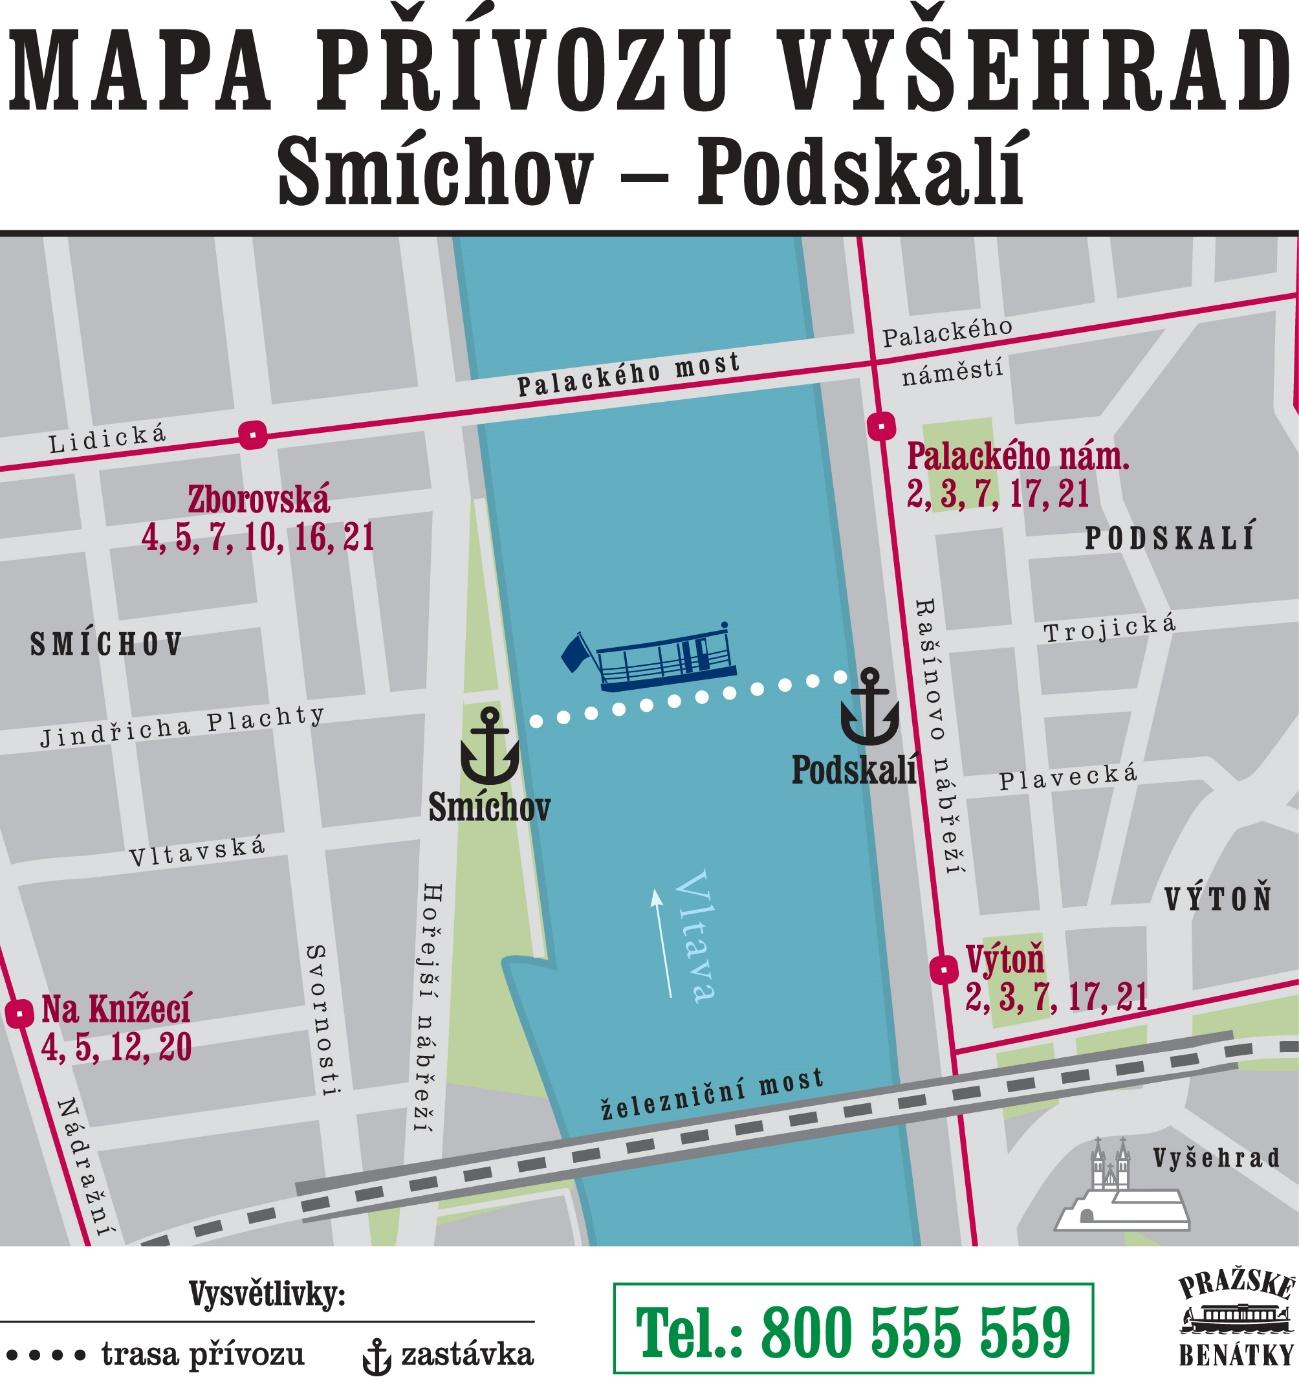 Mapa trasy přívozu Vyšehrad | Pražské Benátky